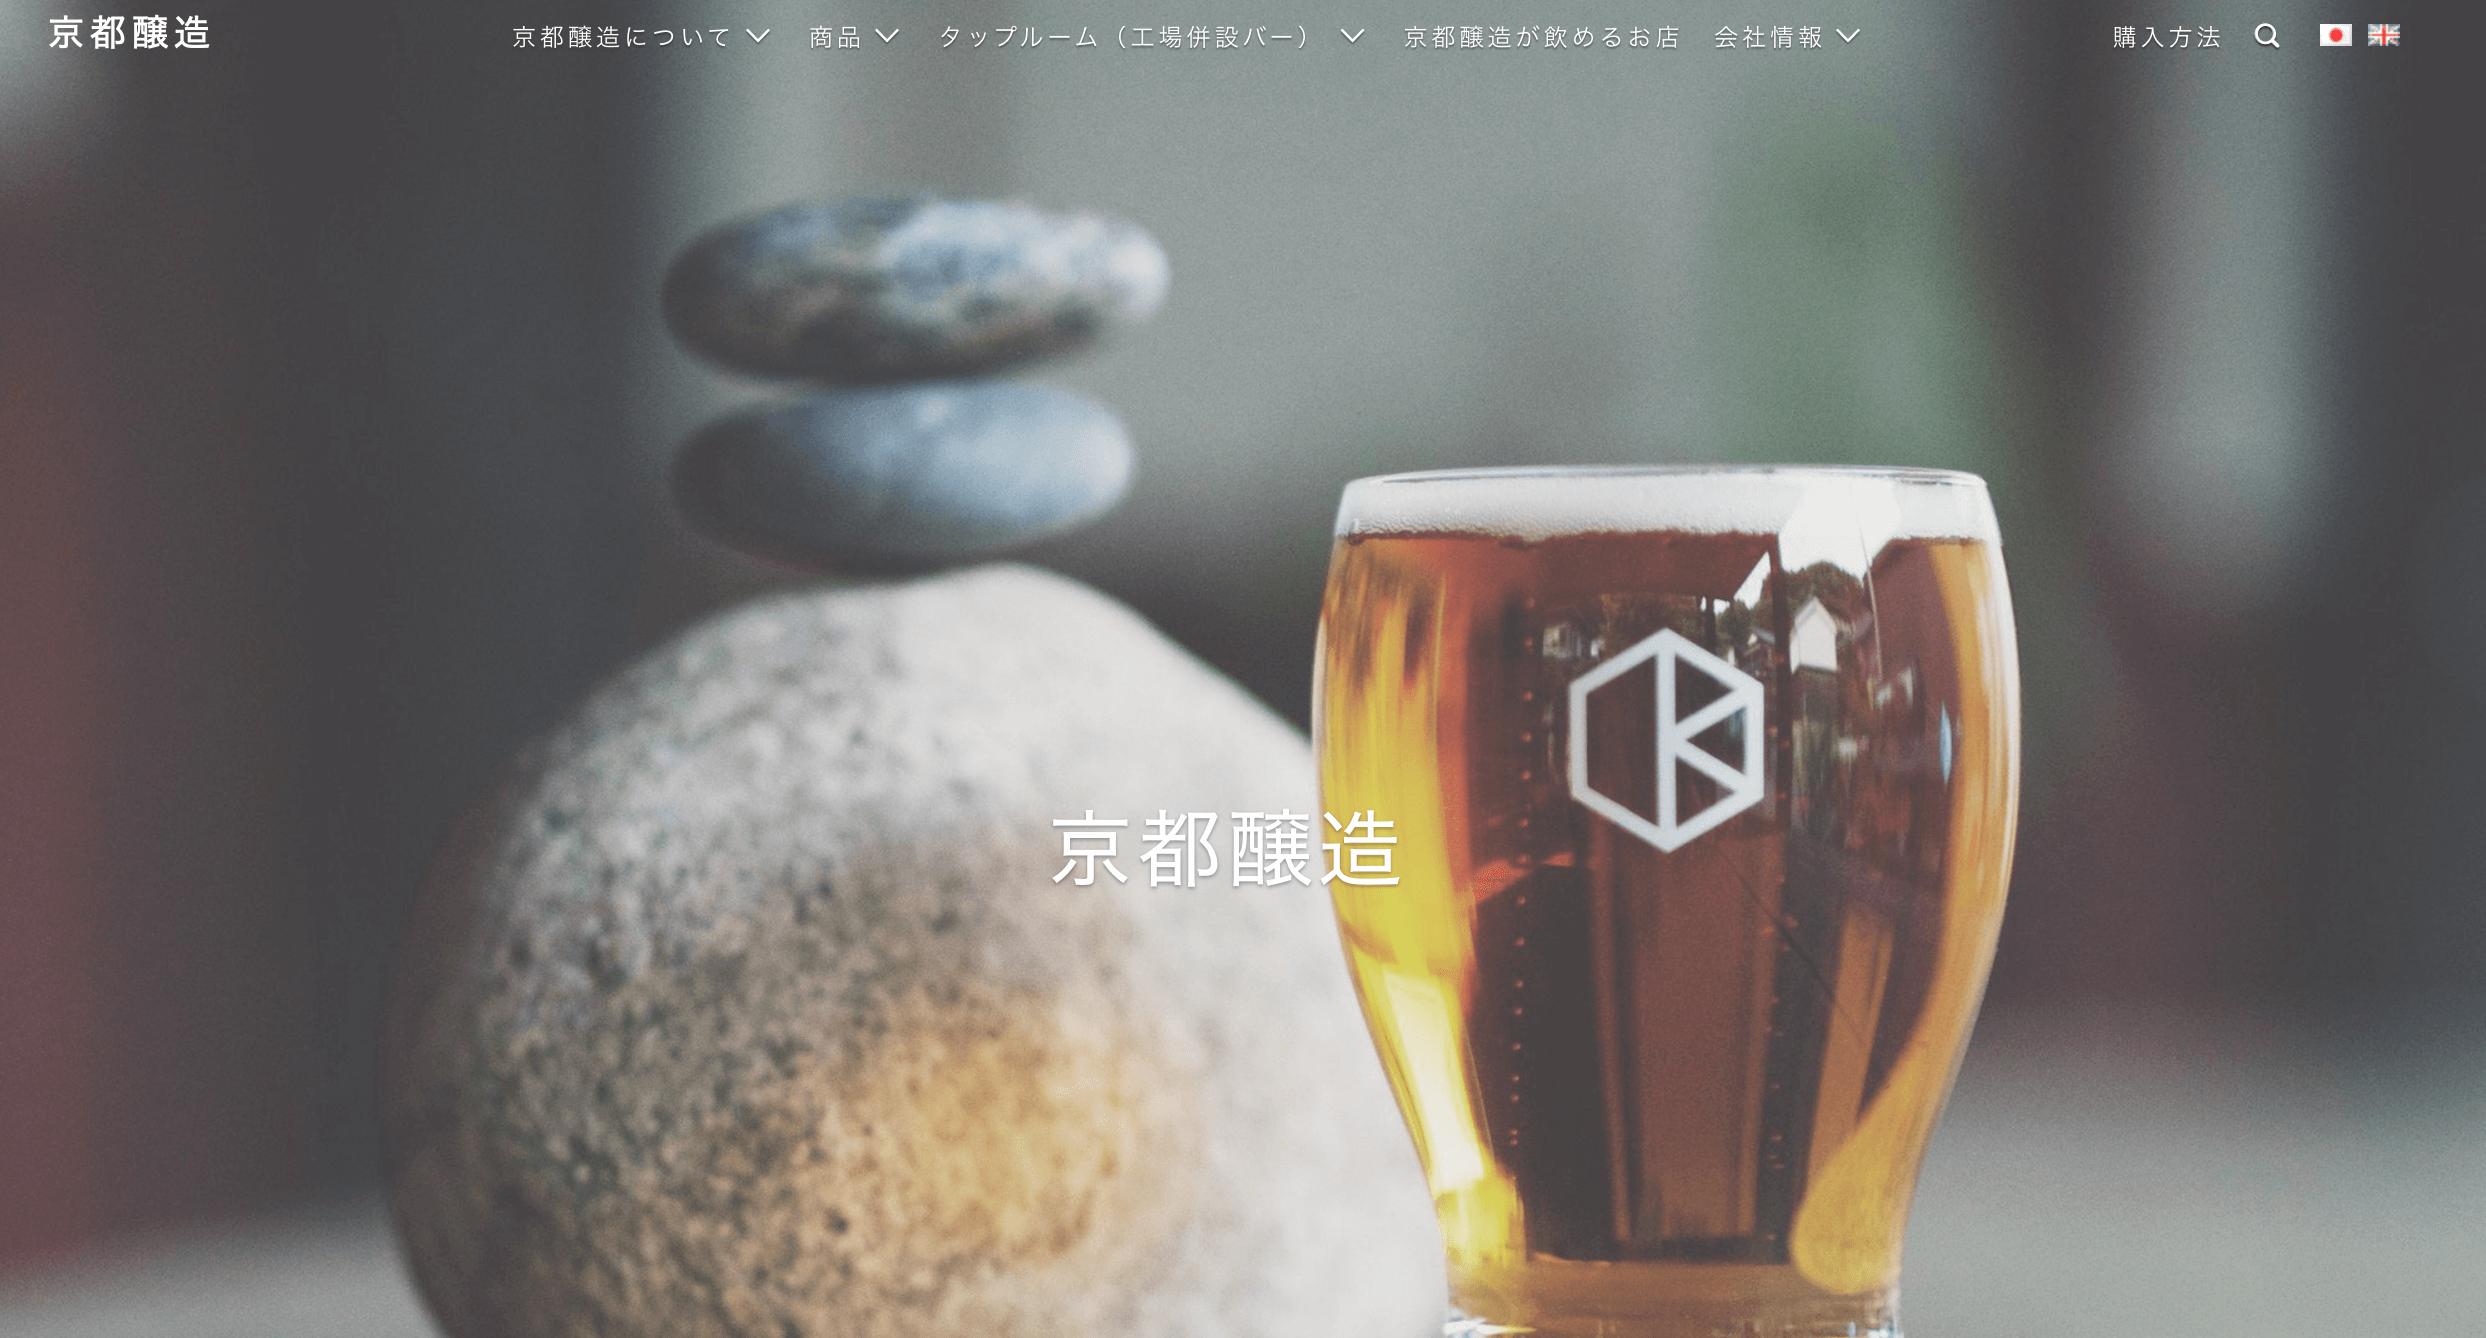 日本のShopify導入事例⑤Kyoto Brewing Co